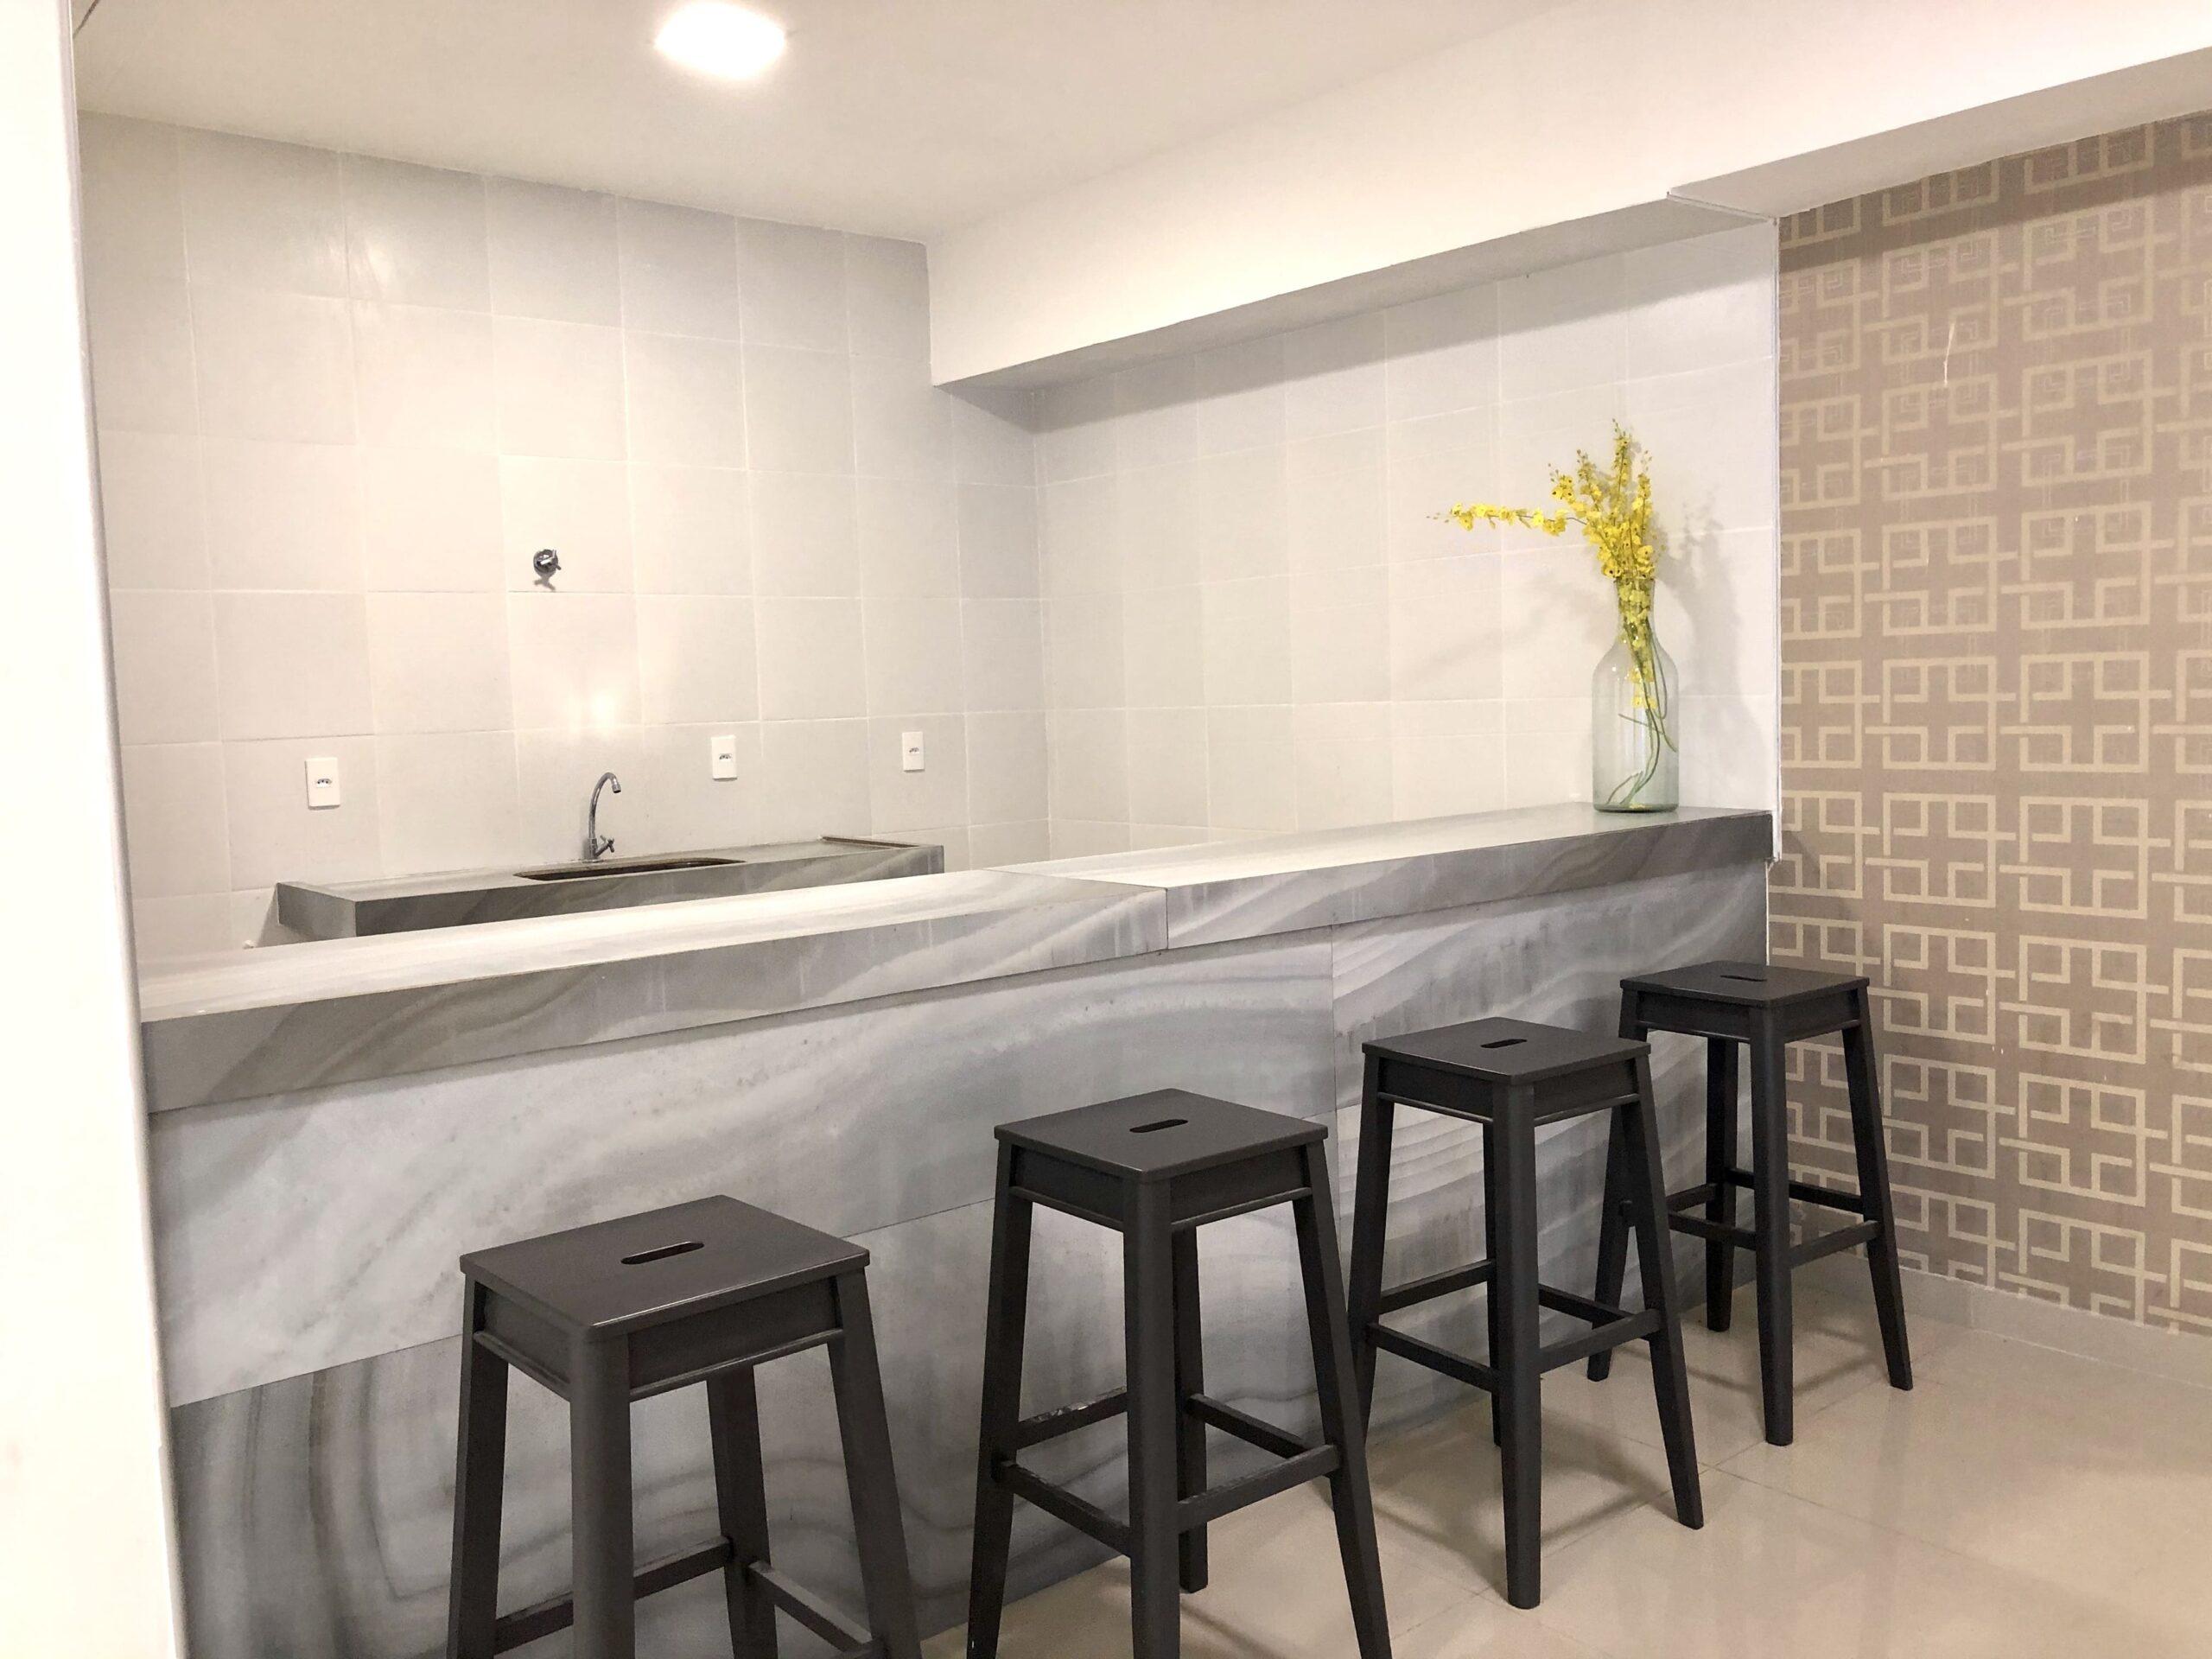 14 Apartamento para venda no Edifício Recanto das Palmeiras Teresina,3 Quartos, sendo 1 suíte, banheiro social, 1 vaga, piso em porcelanato